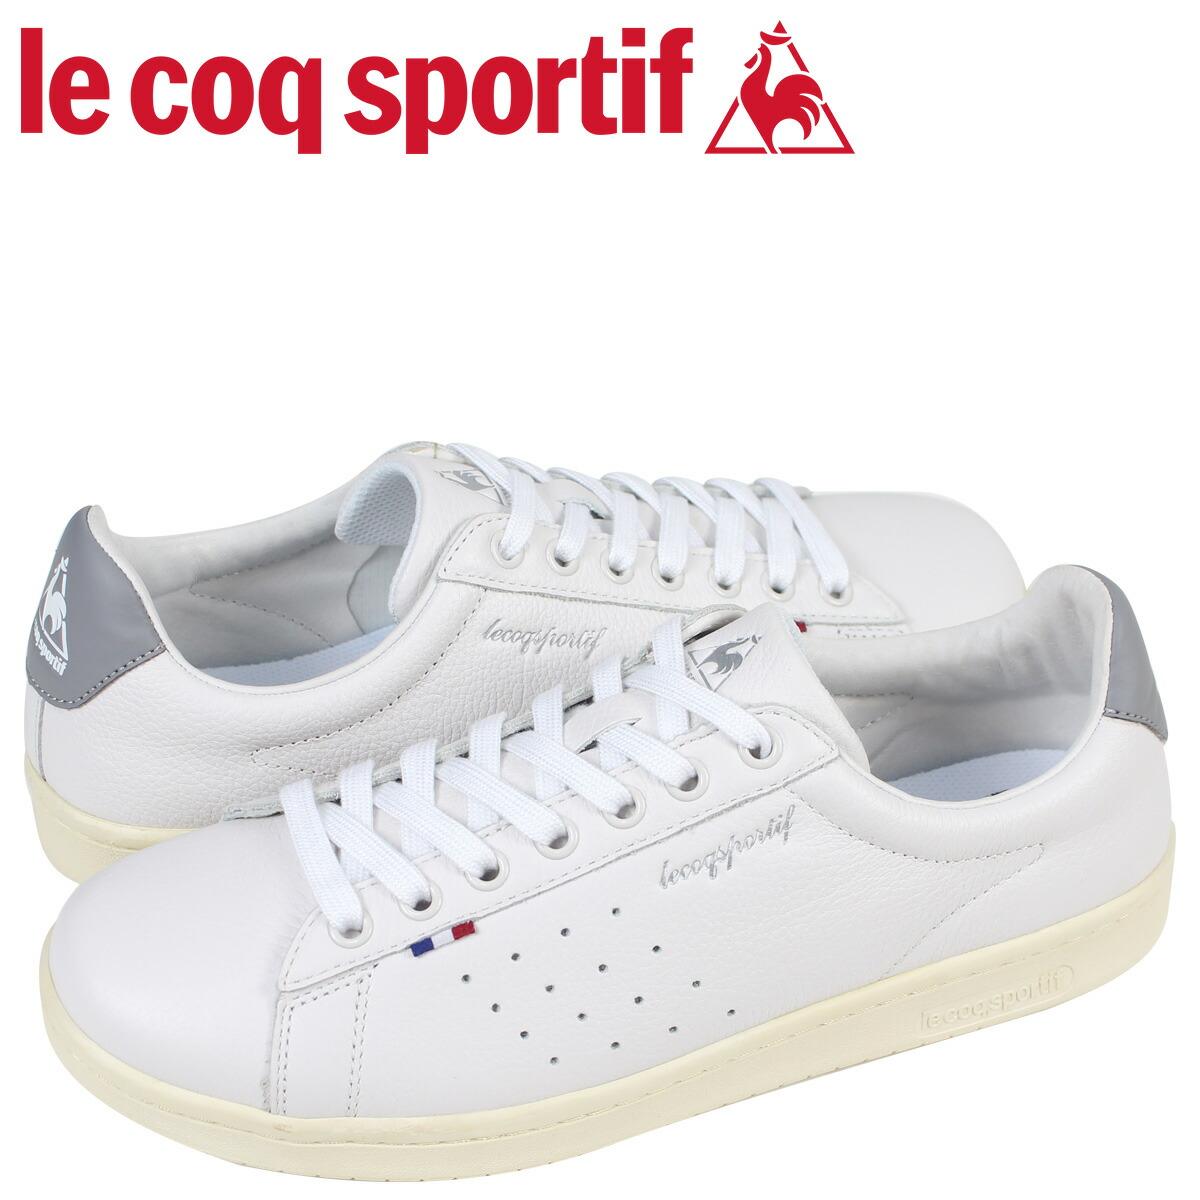 ルコック スポルティフ le coq sportif メンズ スニーカー LA ローラン LE + ROLAND ホワイト QL1LJC15WG [2/10 新入荷]